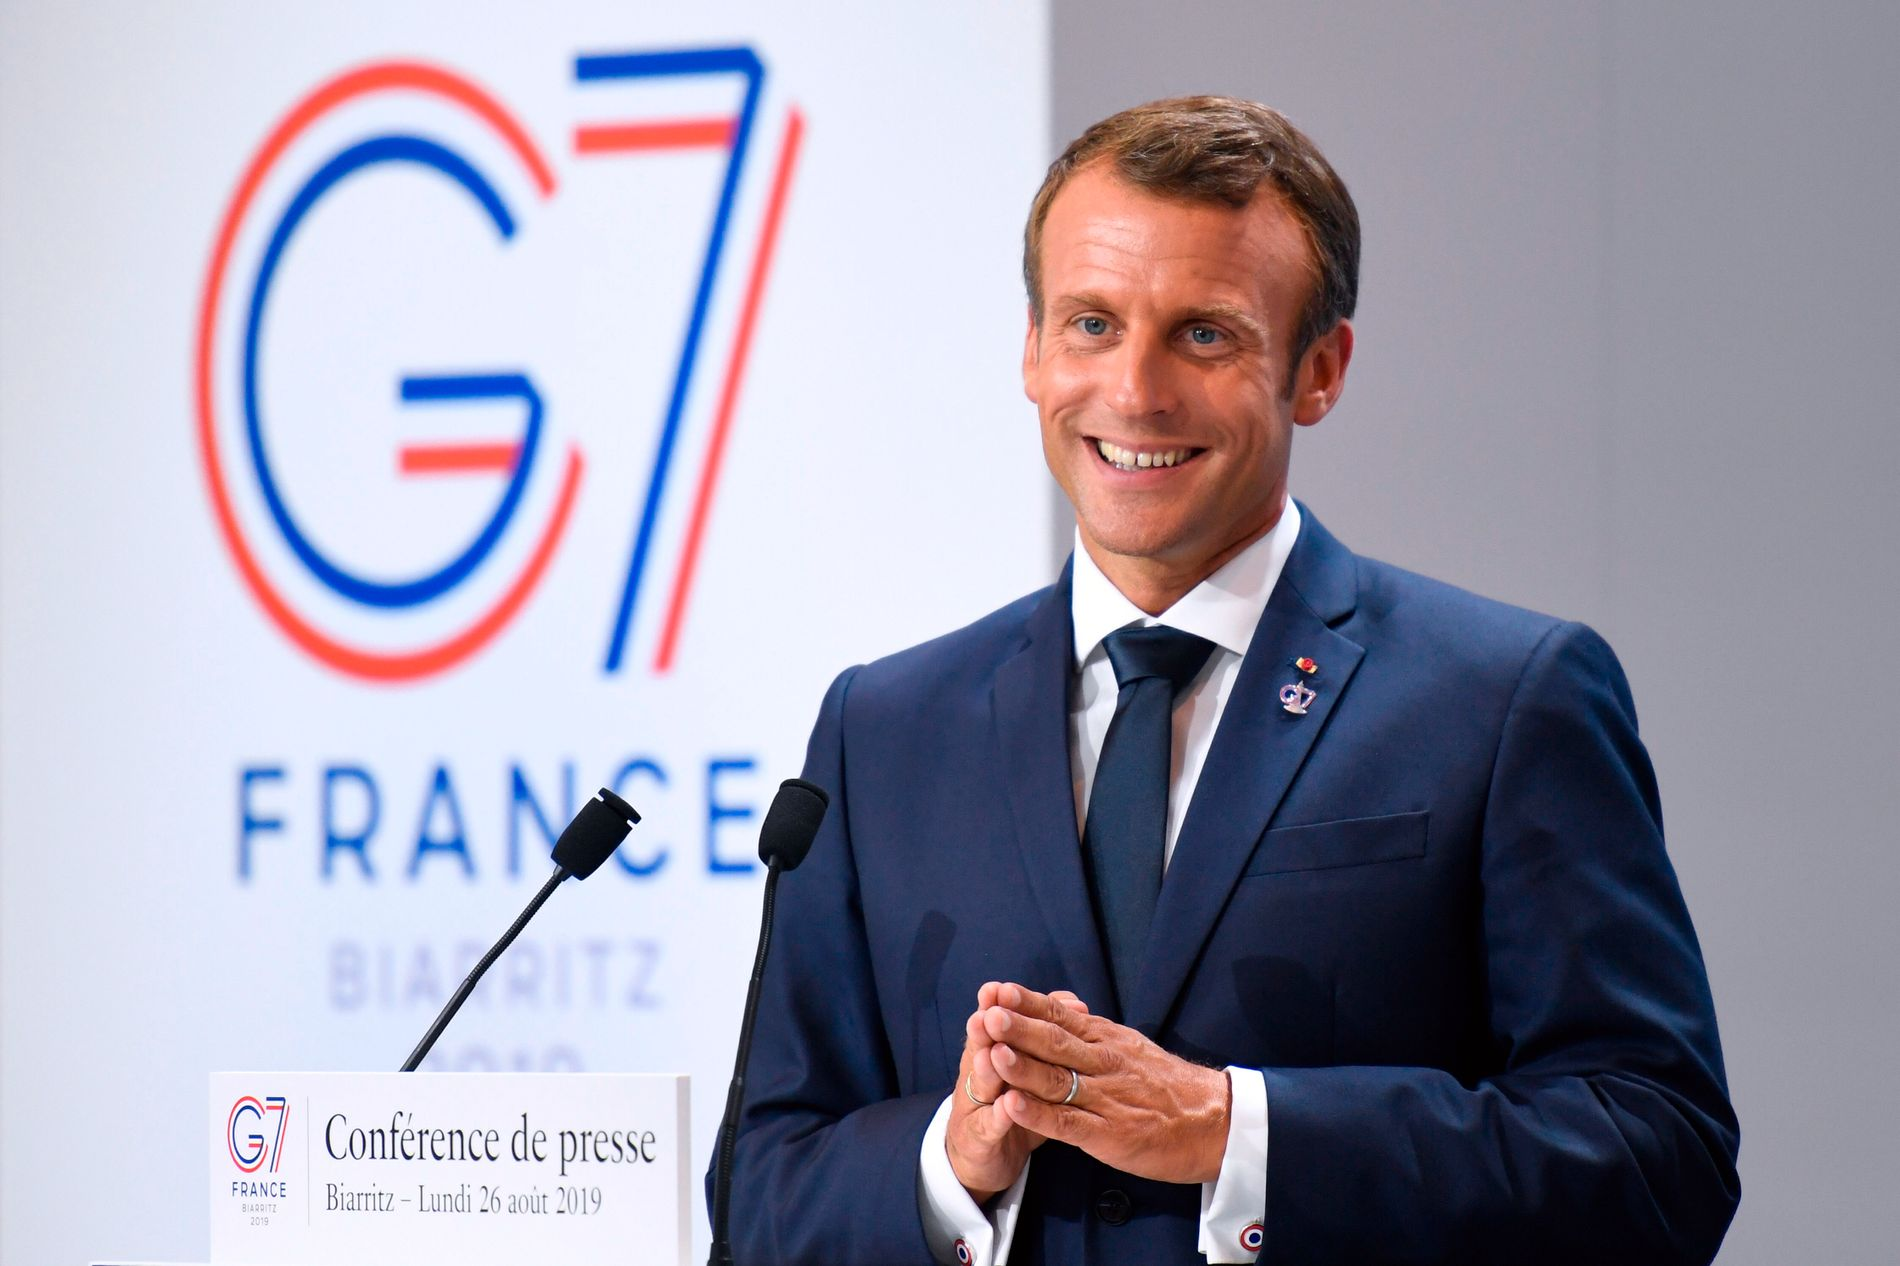 G7-MØTET: – Det ble et Emmanuel Macron-show i verdensklasse, hvor til og med Trump bidro til å make Macron great again, skriver kronikkforfatteren.